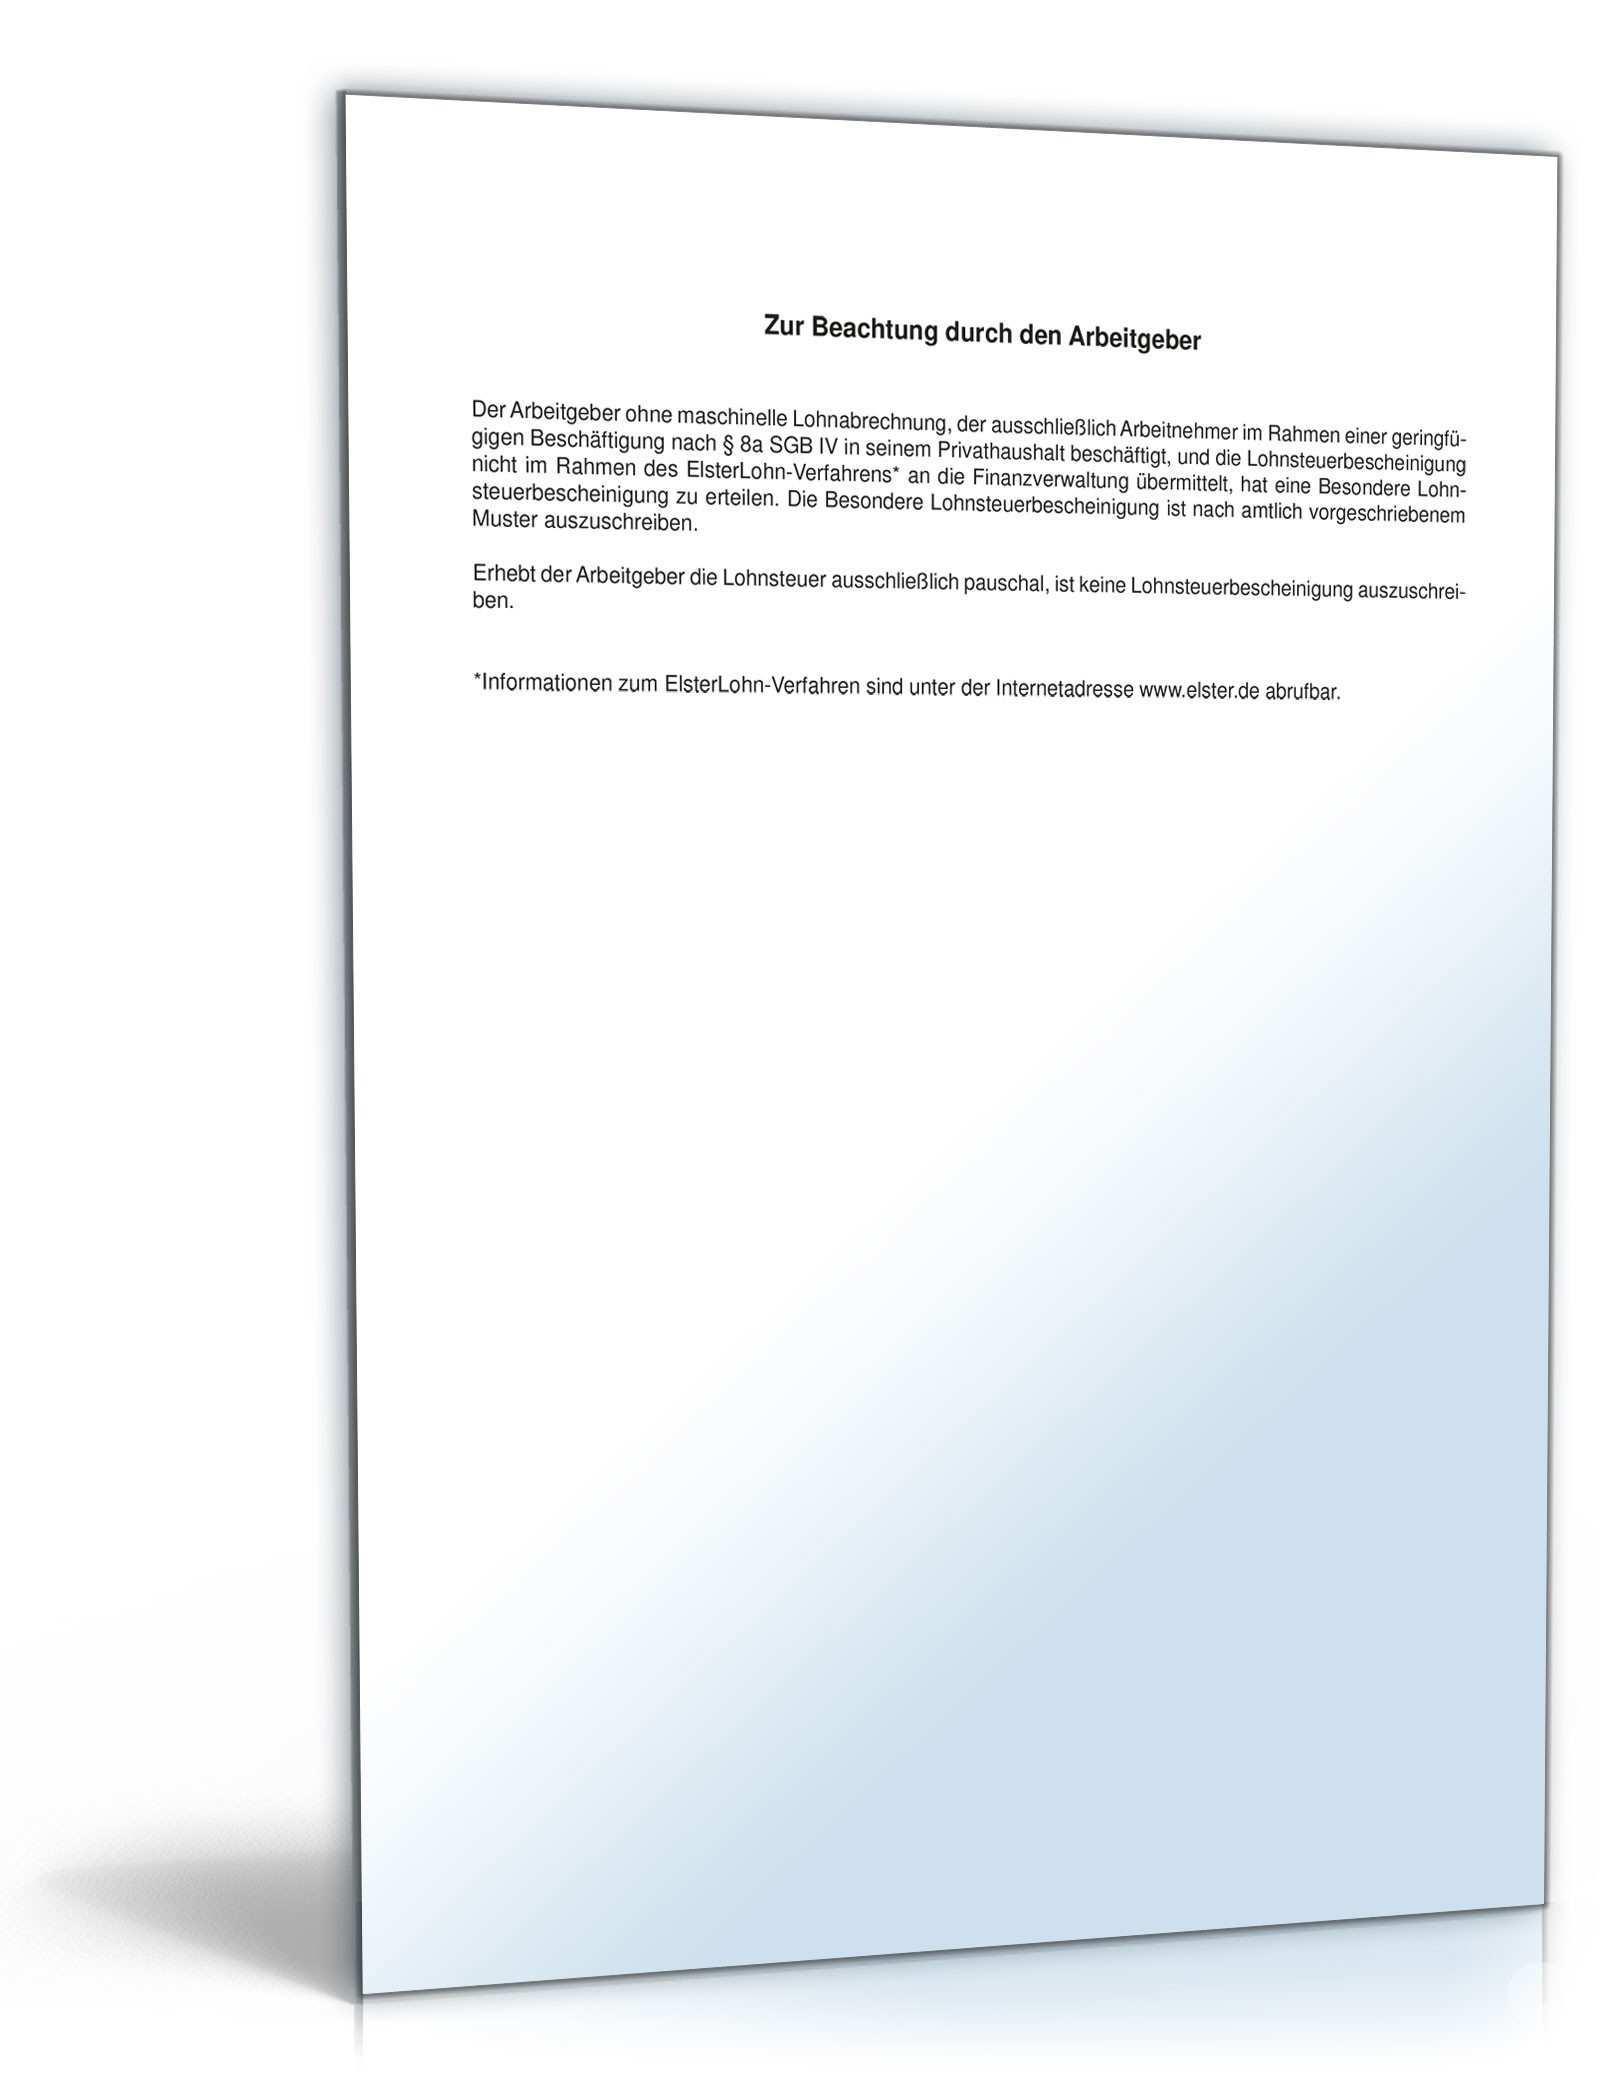 Besondere Lohnsteuerbescheinigung 2011 Formular Zum Download